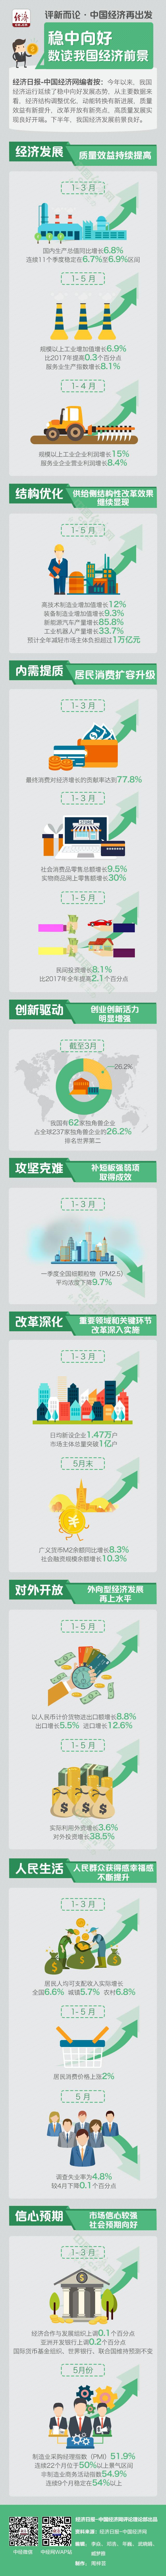 【评新而论・中国经济再出发】稳中向好 数读我国经济前景